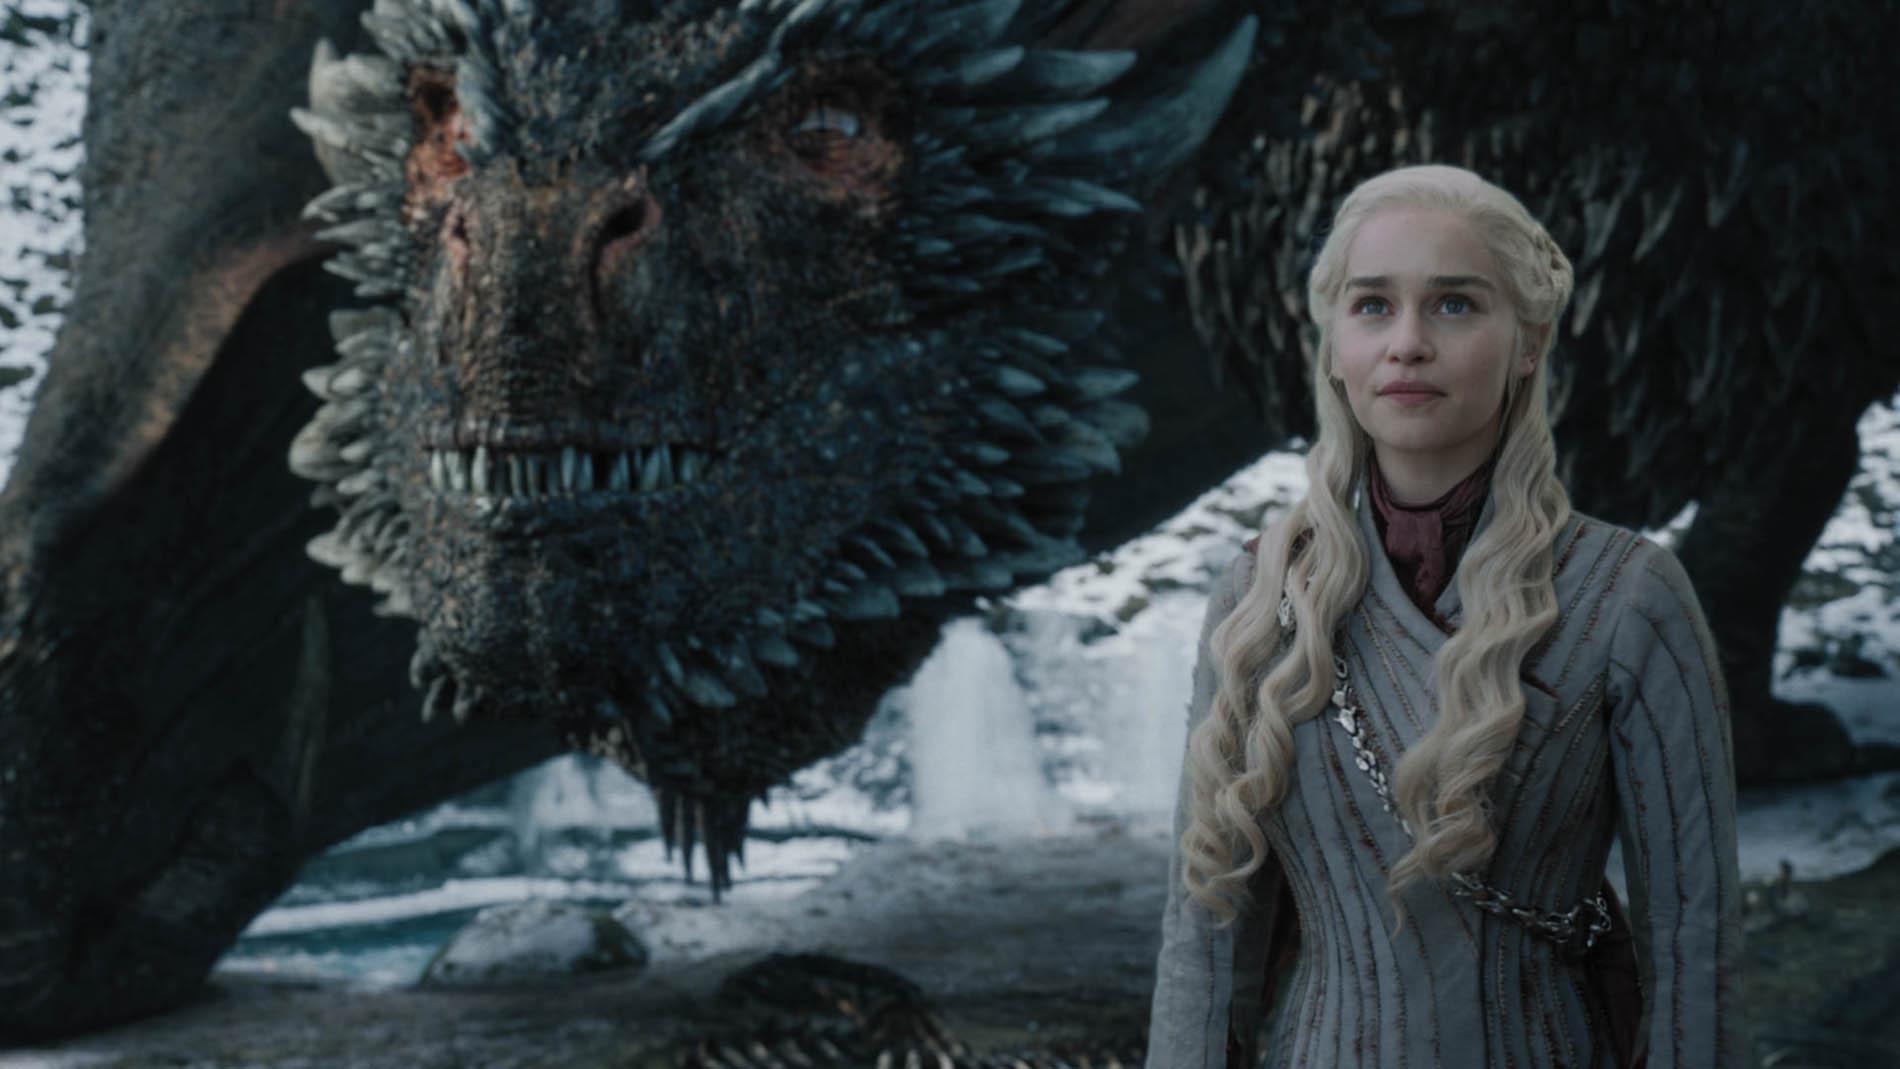 Game Of Thrones Season 8 Episode 4 Photos Predictions That Shelf